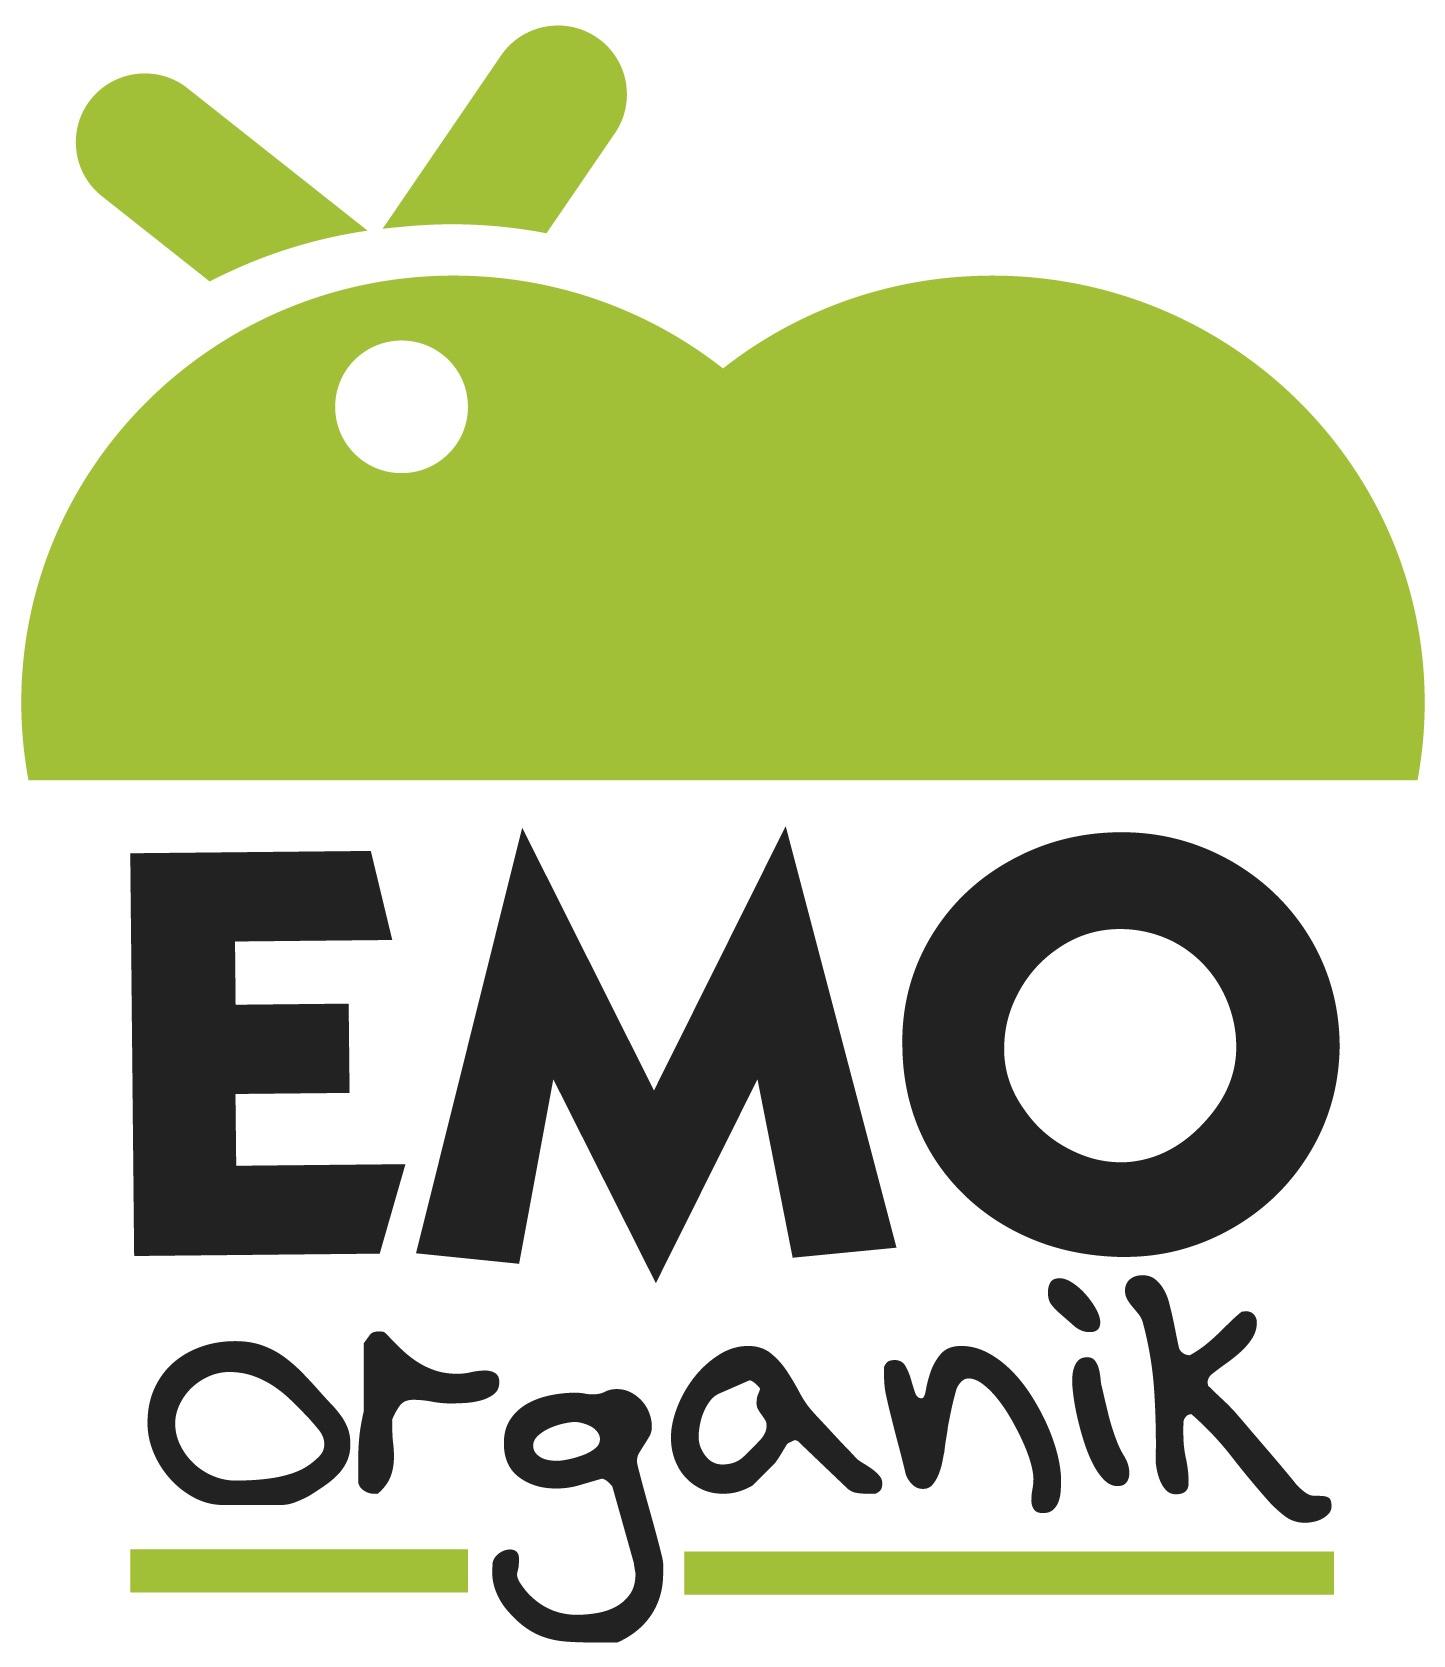 Emorganik